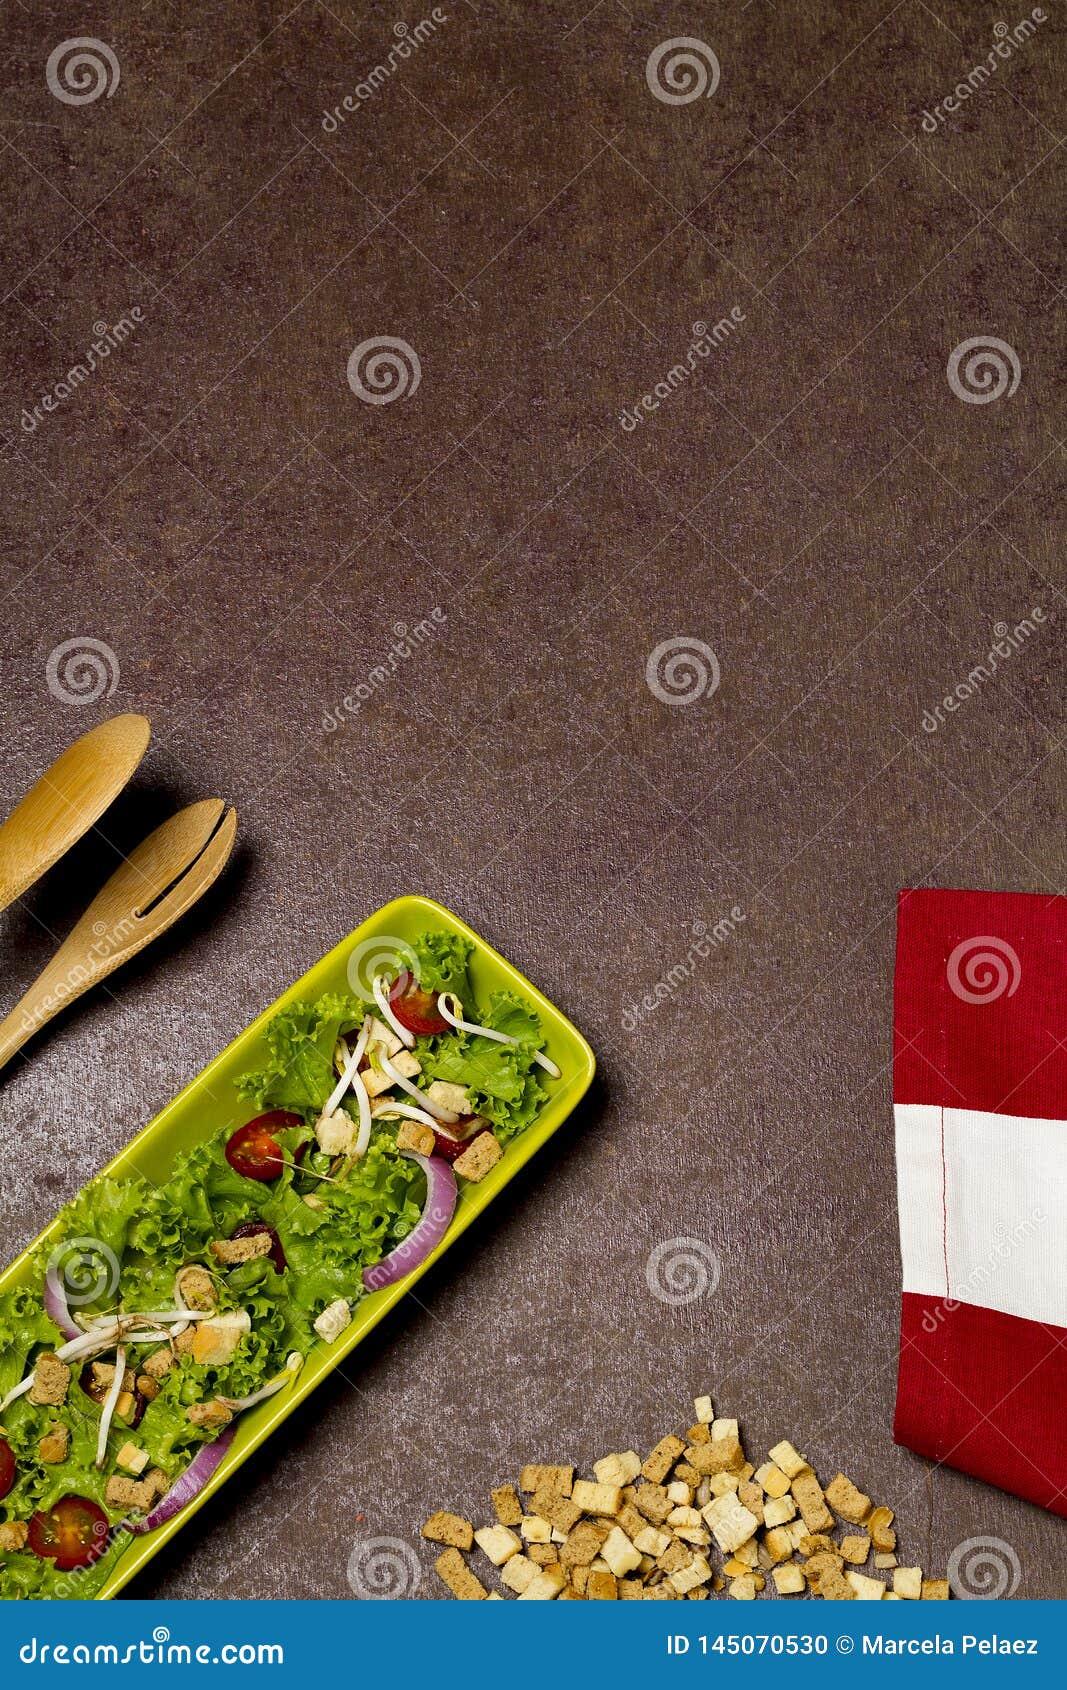 Świeża sałatka pomidorowa sałata i cebula z czerwienią paskował płótno, chleb koronki i drewnianą łyżkę,